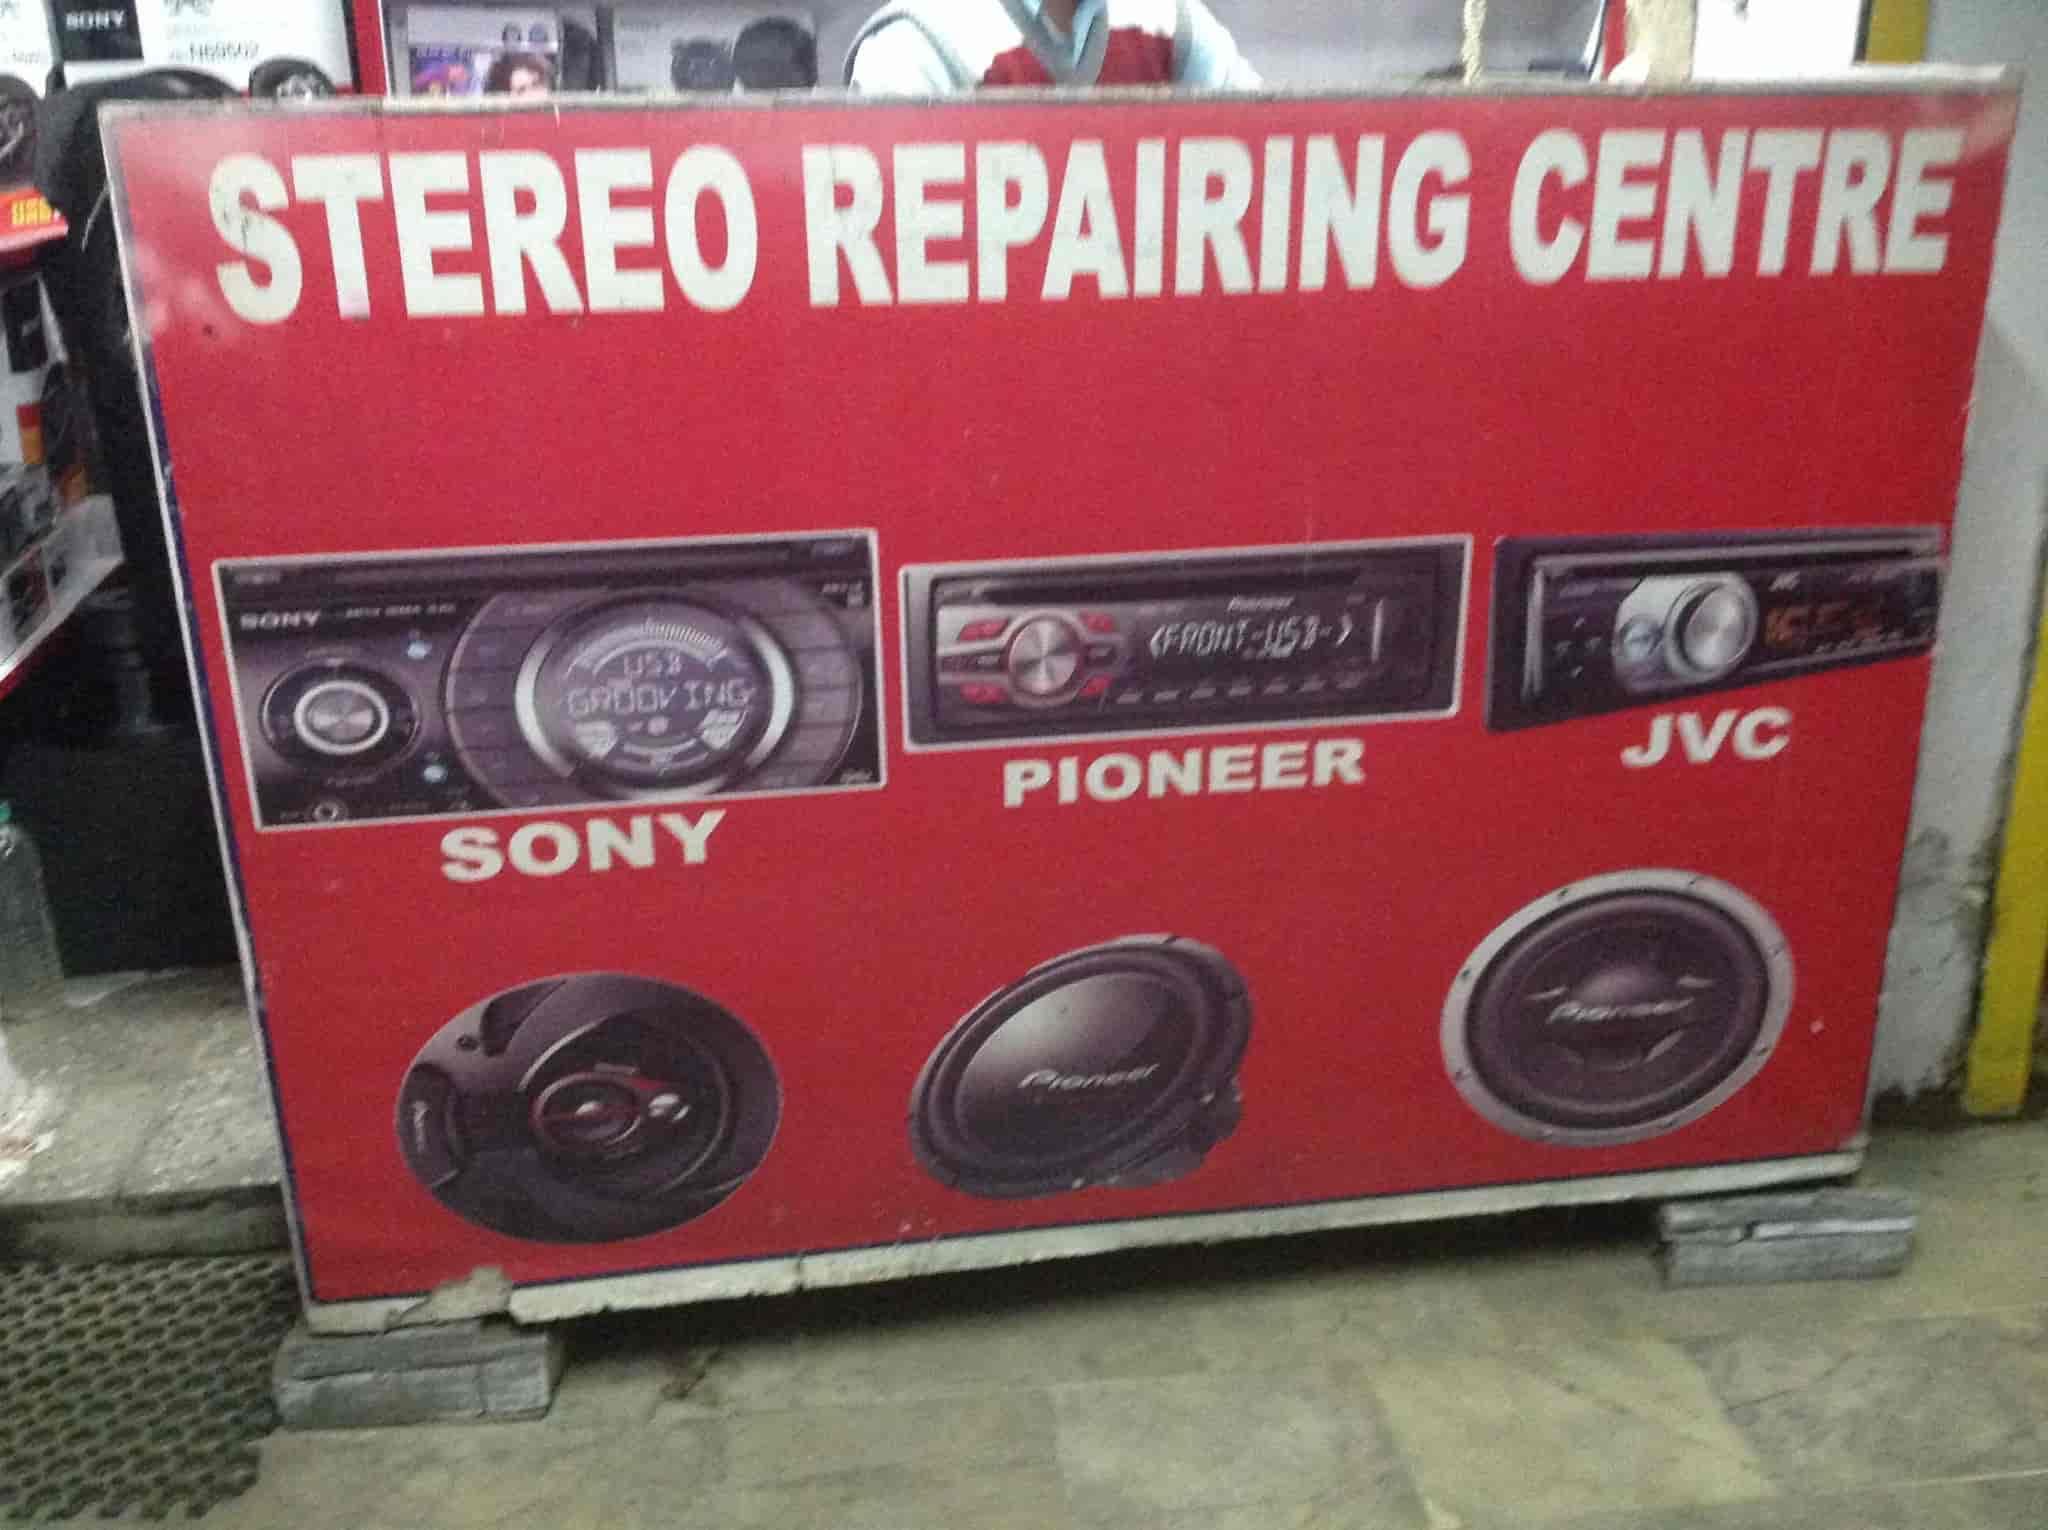 ... Sai Car Stereo Repairing Centre Photos, M P Nagar, Bhopal - Car Stereo  Repair ...